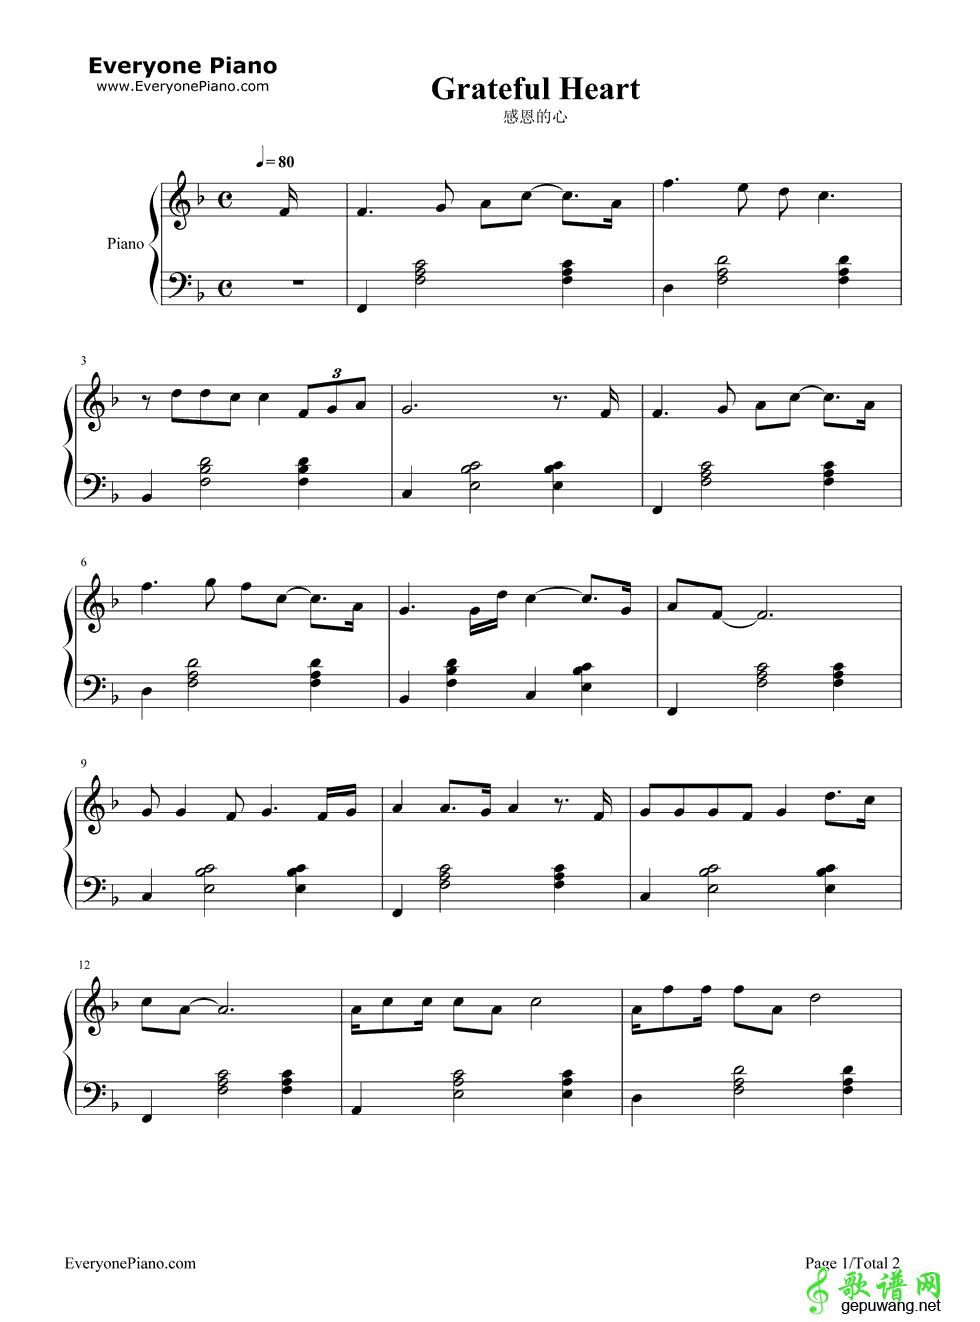 表情 感恩的心钢琴谱 欧阳菲菲 感恩的心钢琴简谱 歌谱网 表情